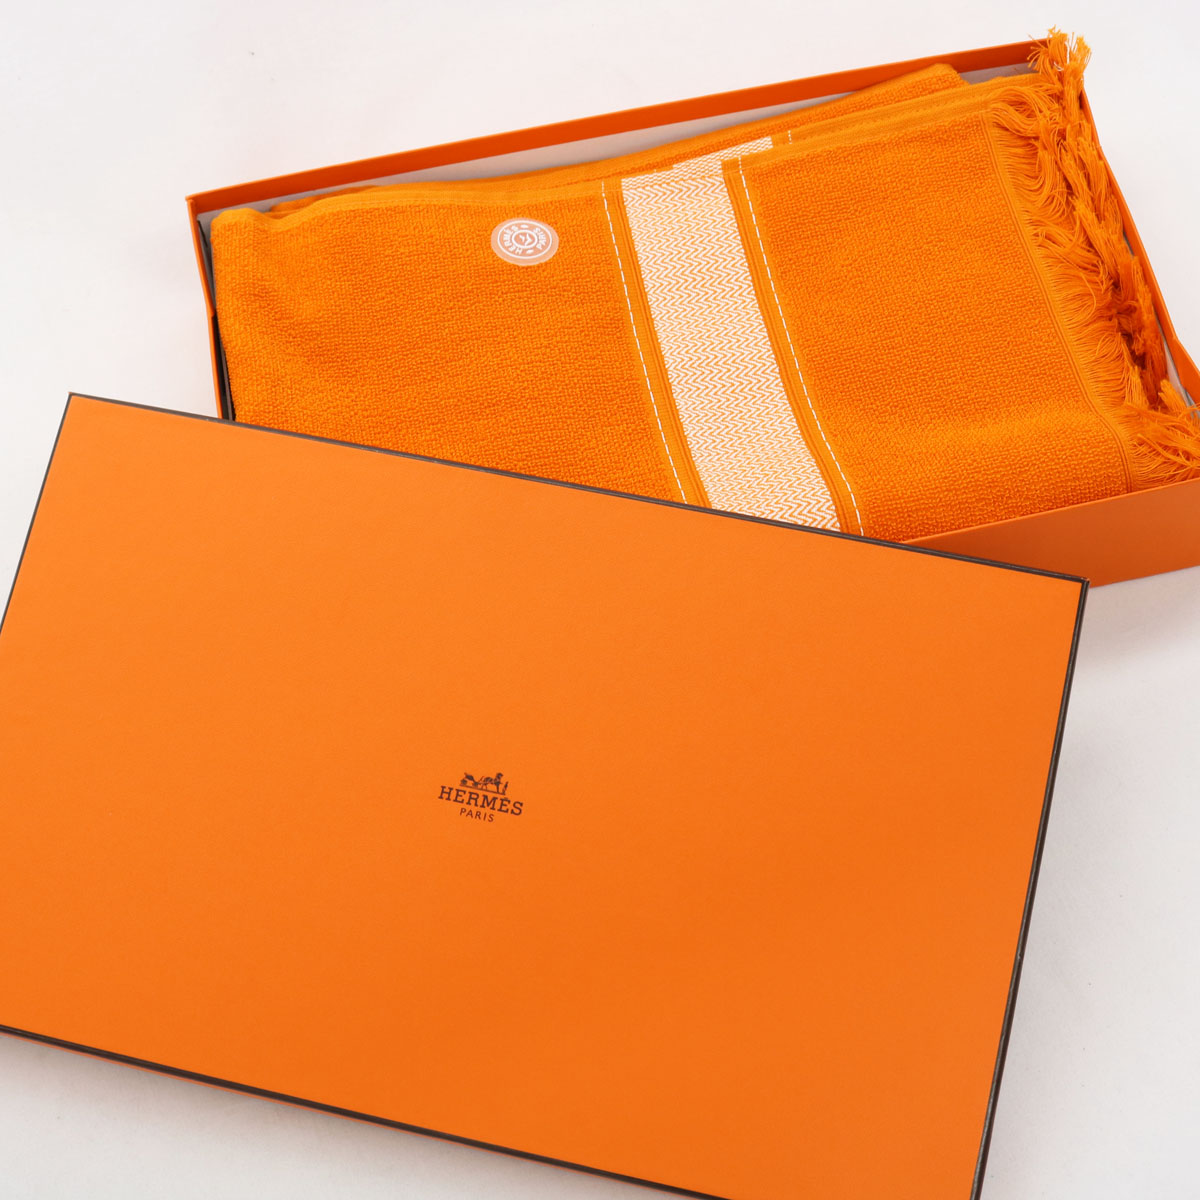 【中古】未使用品☆エルメス HERMES バスタオル 95cm×140 orange /オレンジ ☆ 1695-KY1218